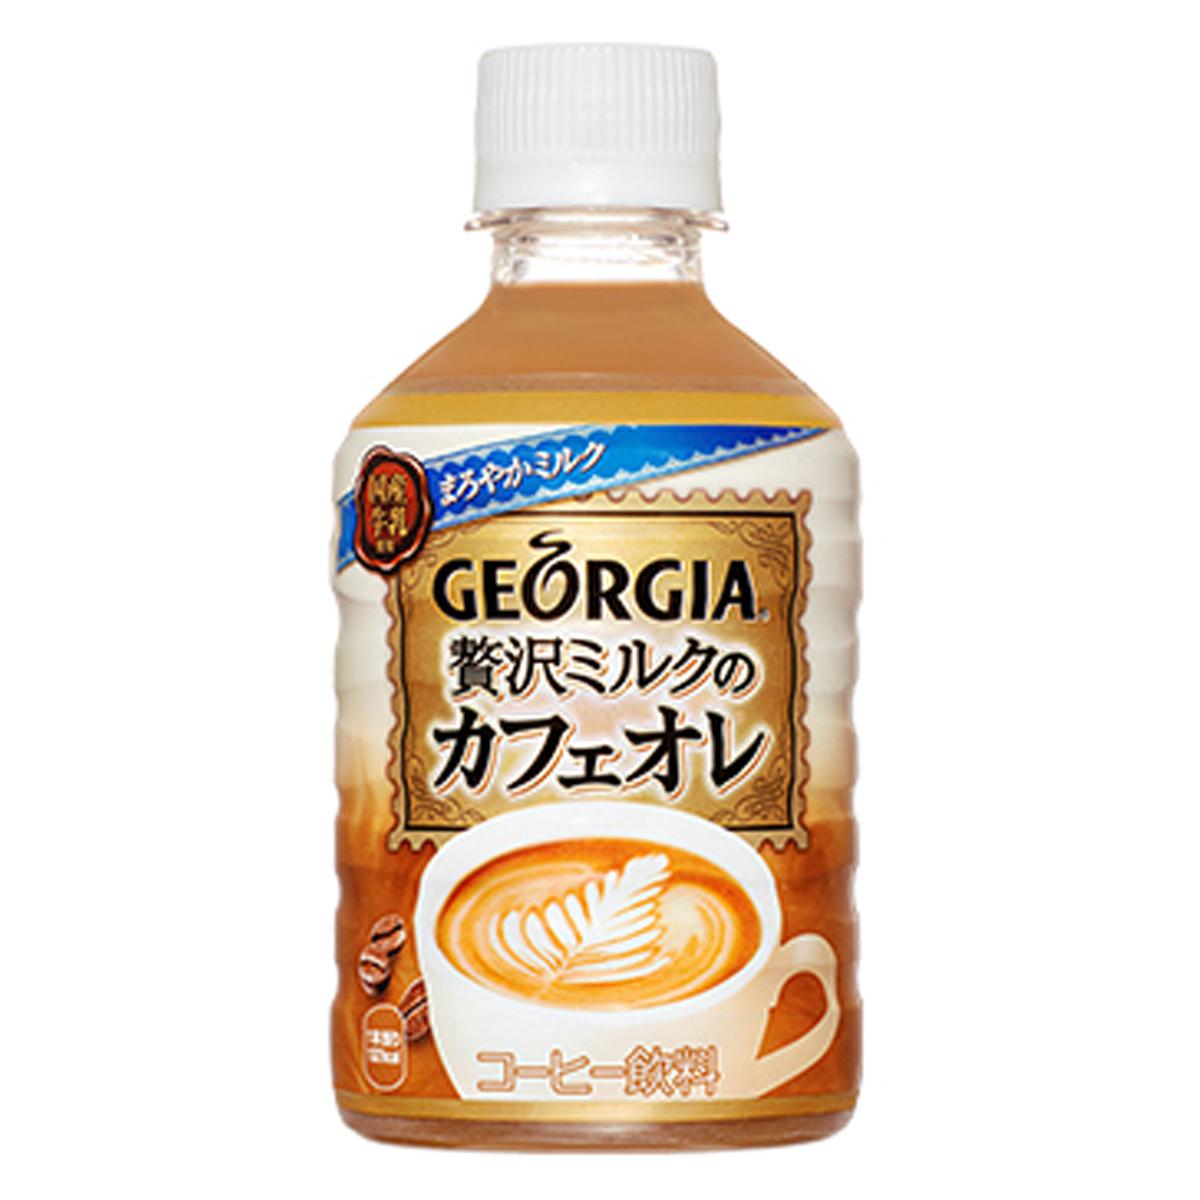 【2ケースセット】コカ・コーラ ジョージア 贅沢カフェラテ 280mL PET 飲料 飲み物 ソフトドリンク ペットボトル 24本×2ケース 買い回り 買い周り 買いまわり ポイント消化